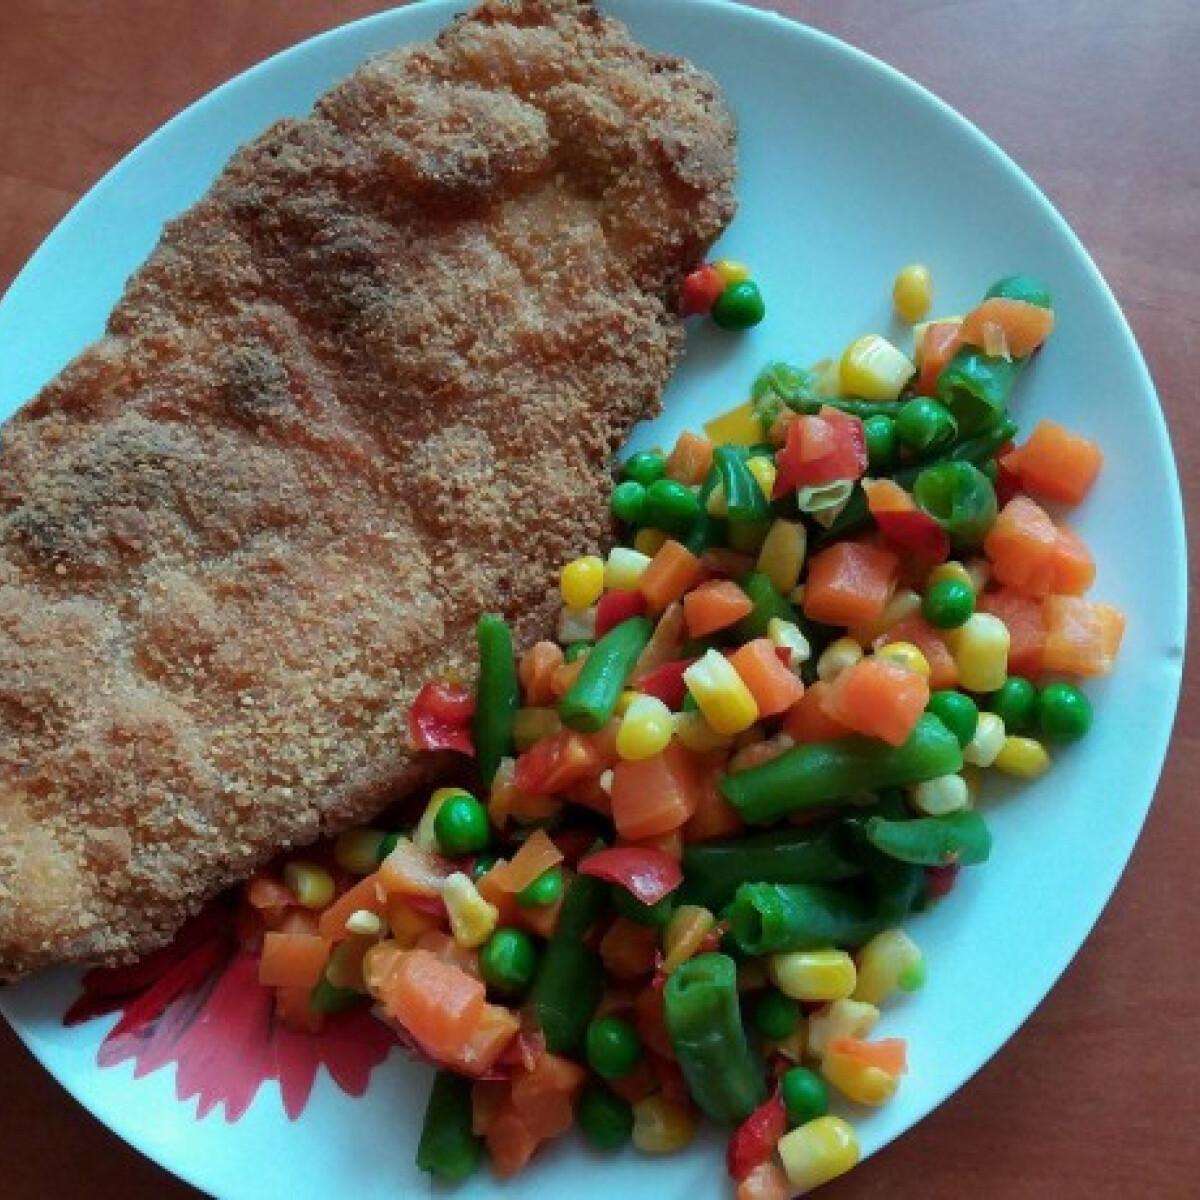 Ezen a képen: Rántott csirkemell egészségesen